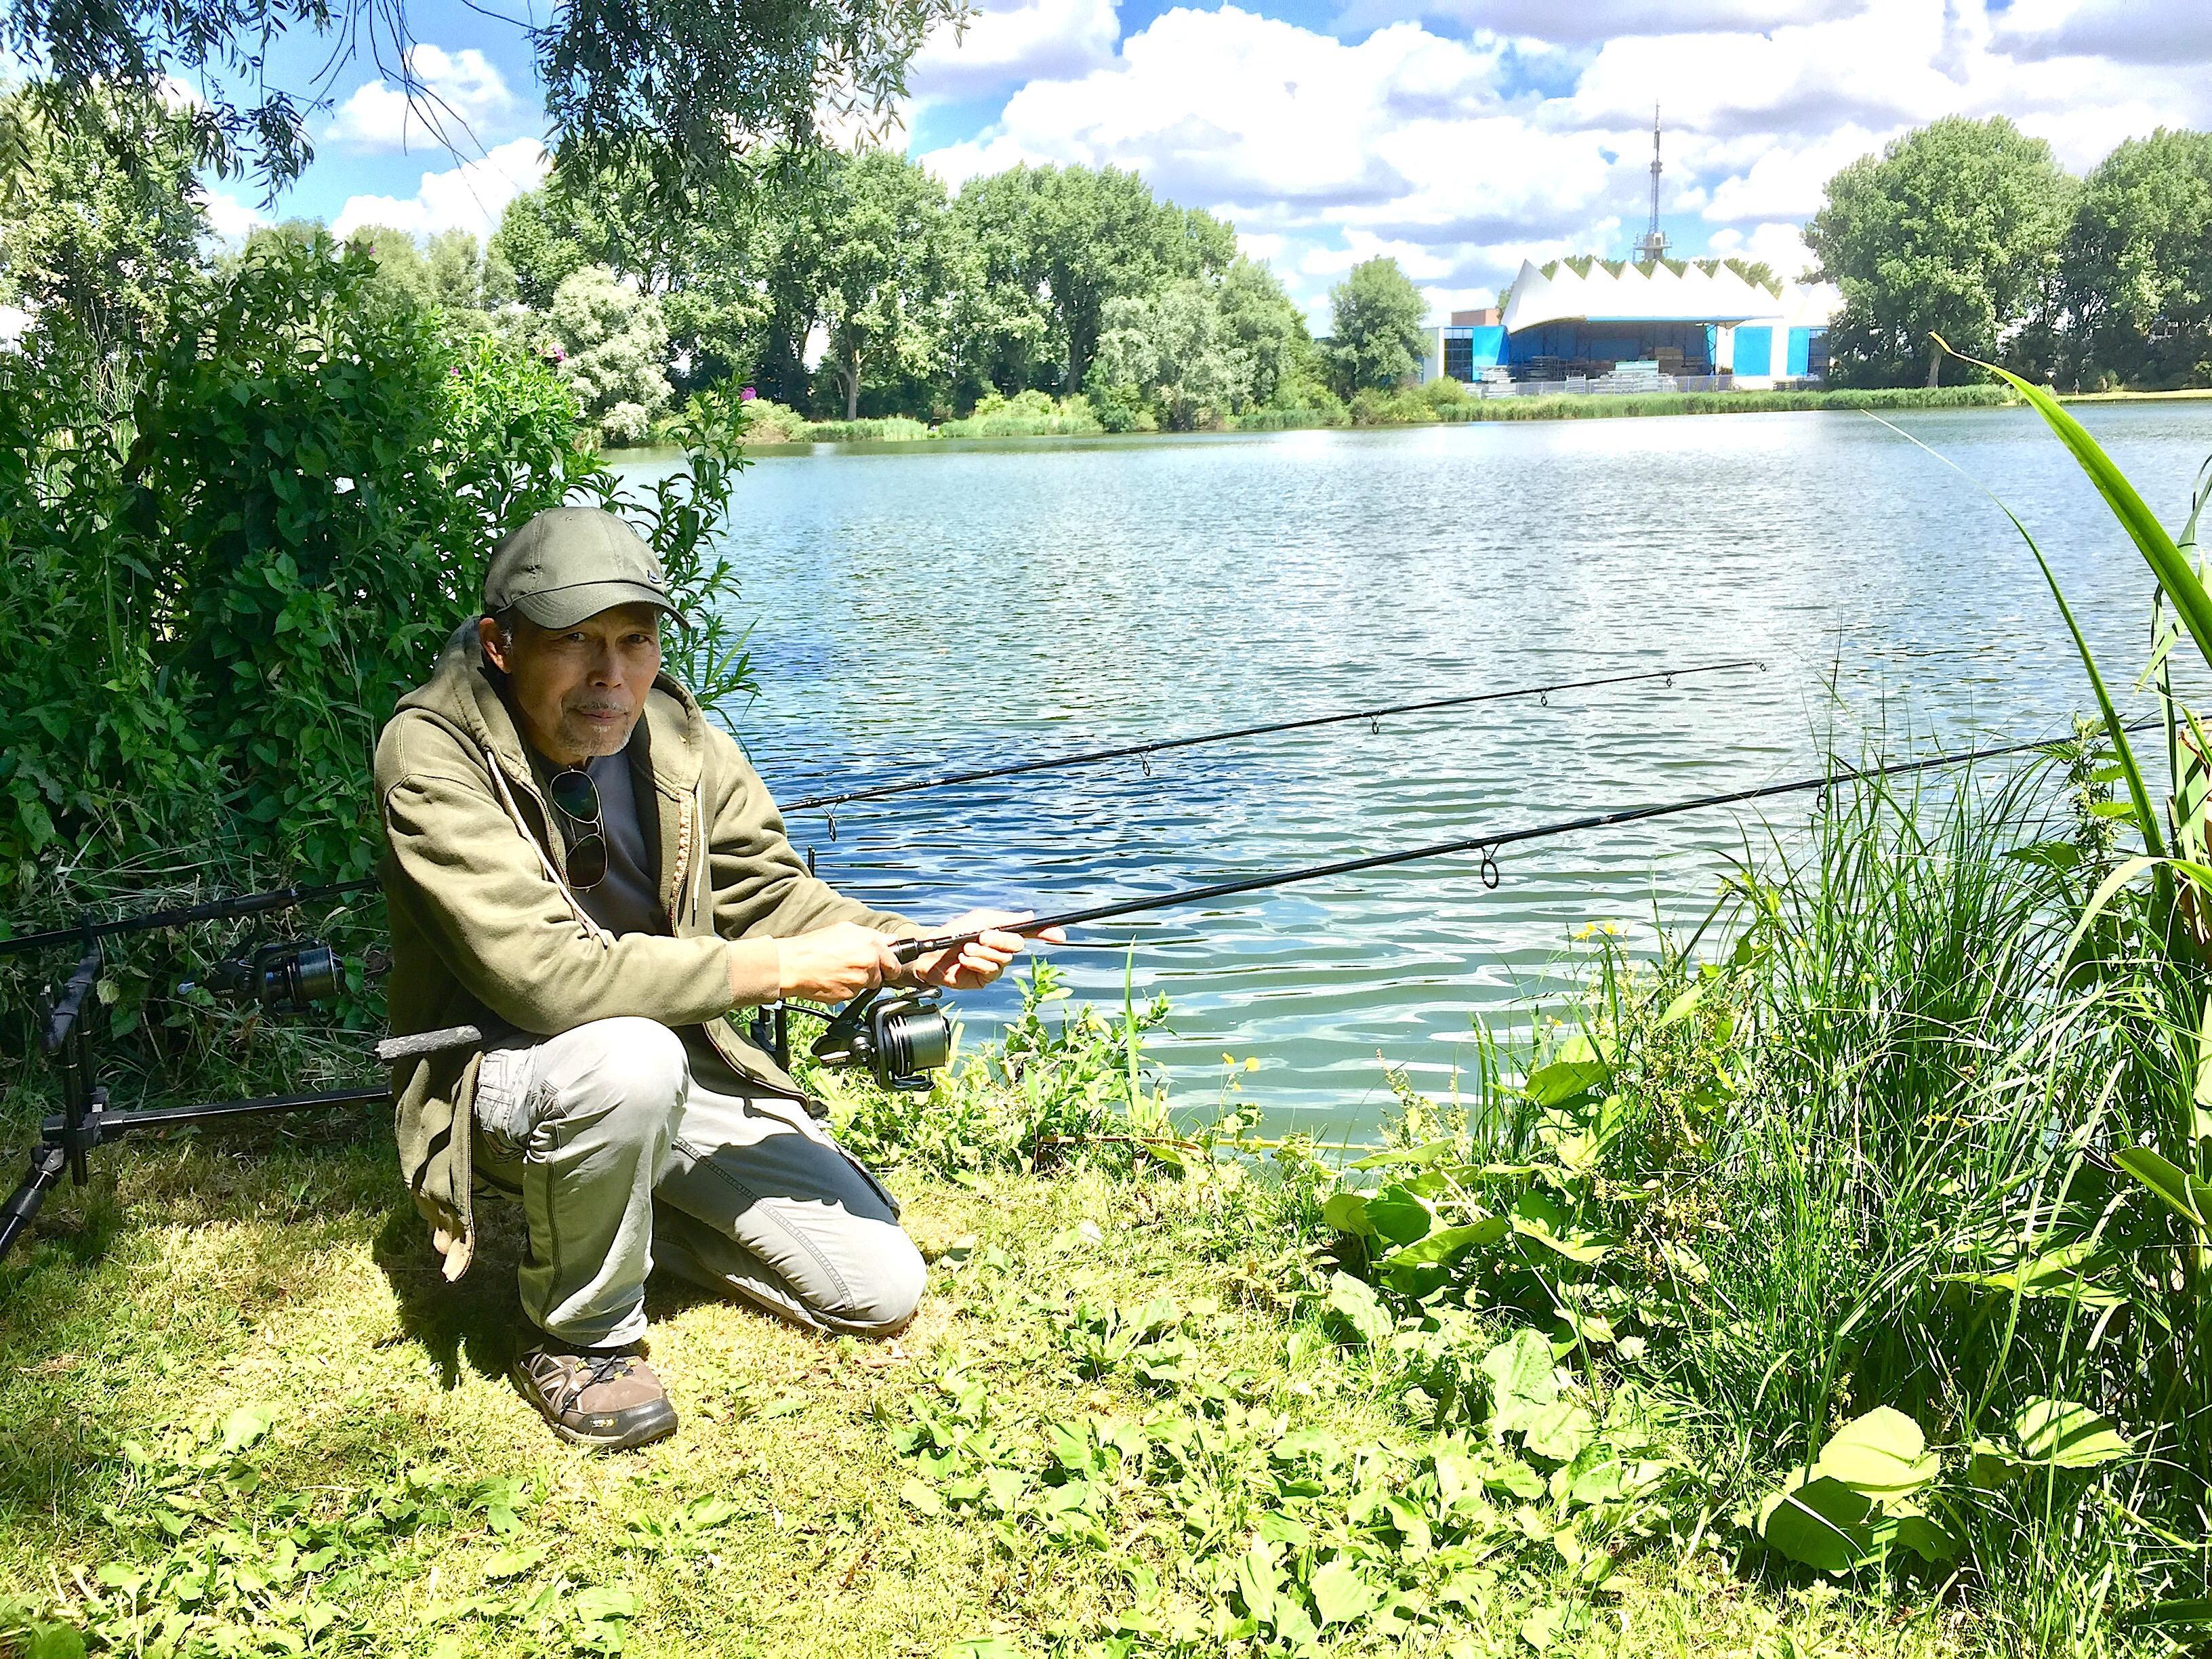 Onderweg: Vissen deed Rene Martens al in zijn jonge jaren in Indonesië. In Holland heeft hij zich altijd kunnen redden door lol te maken